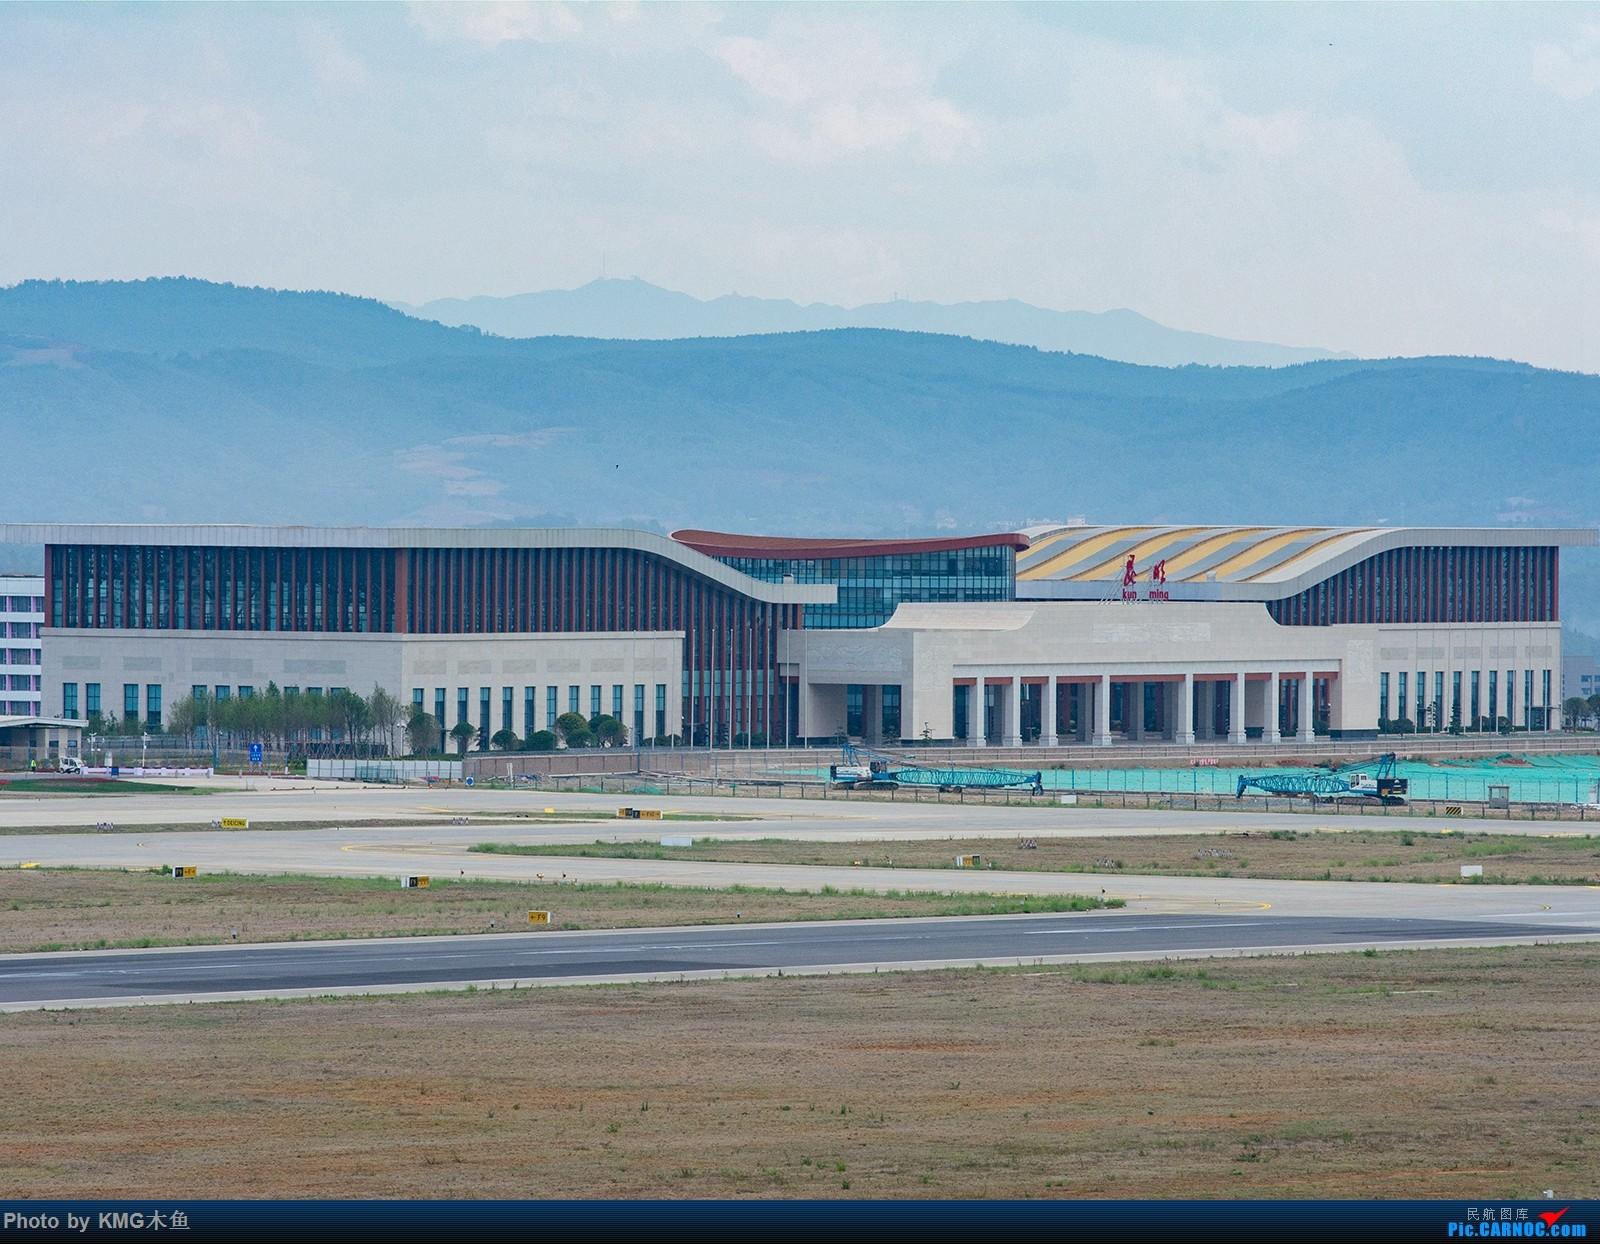 Re:【昆明长水国际机场——KMG木鱼】2019年拍机,遇到大雨    中国昆明长水国际机场